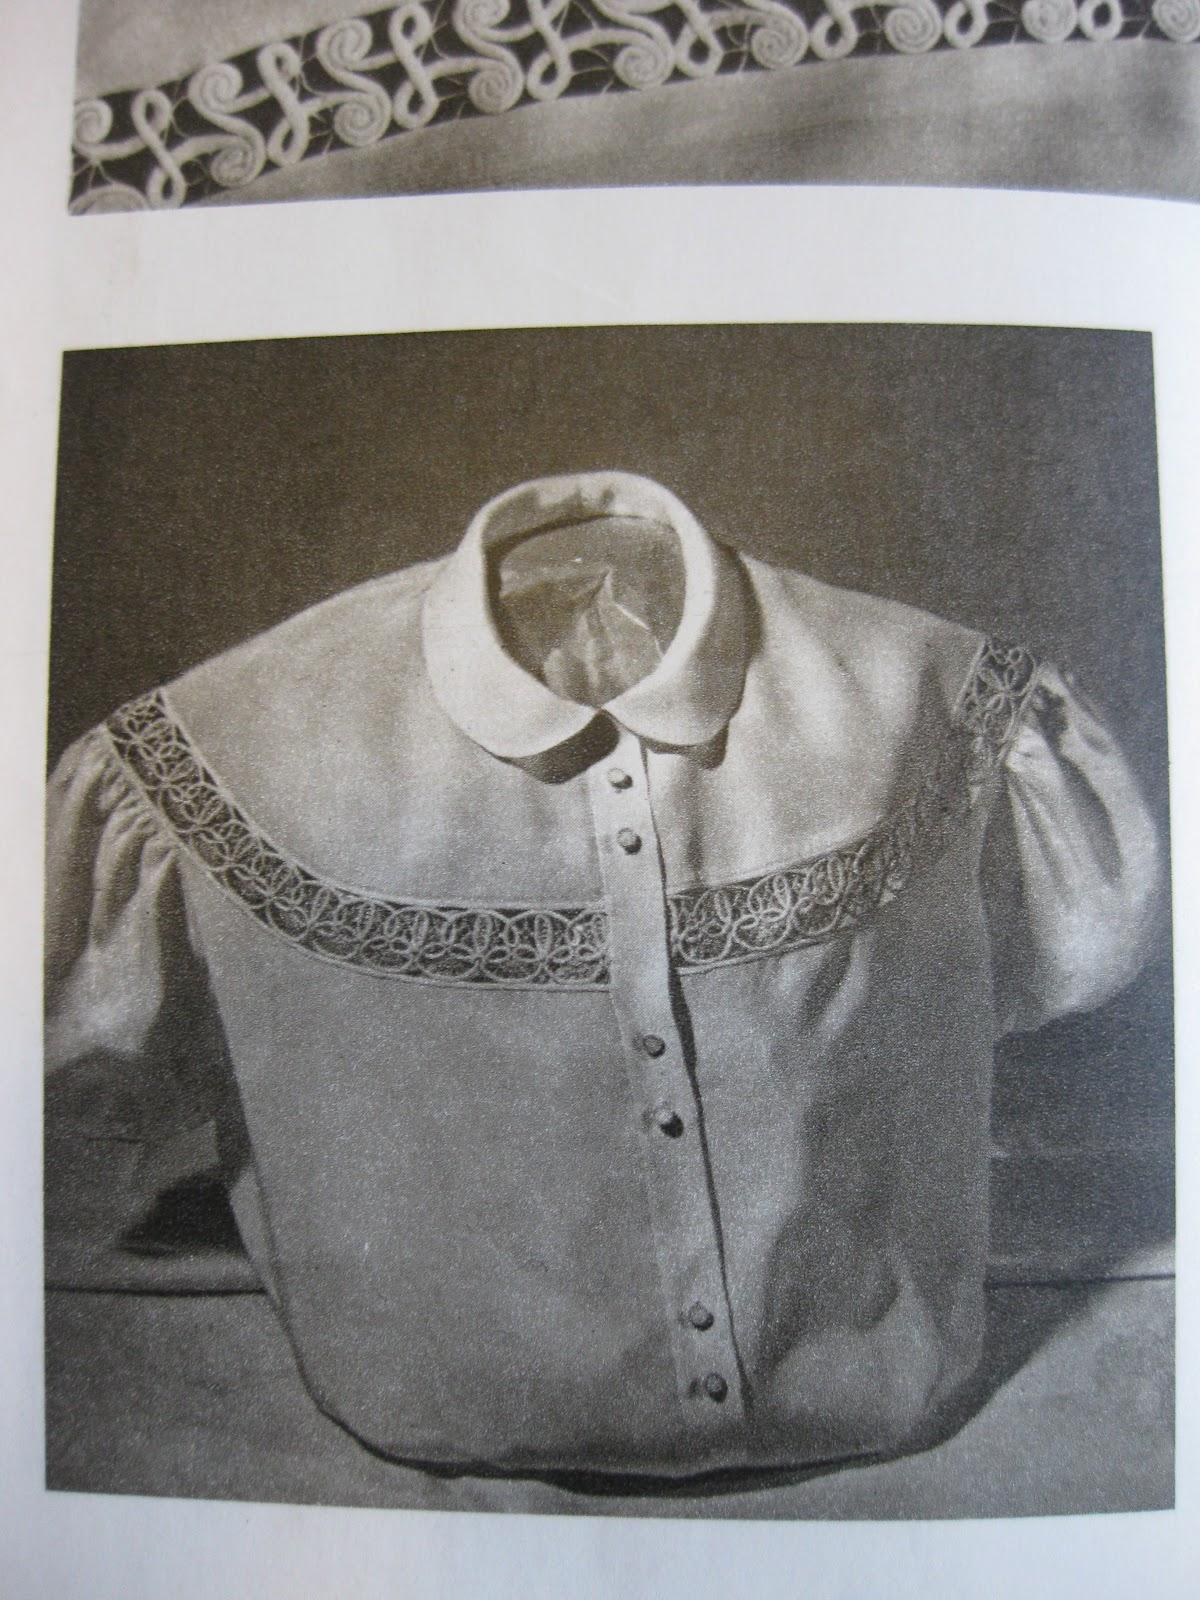 40-luvun vaatteet